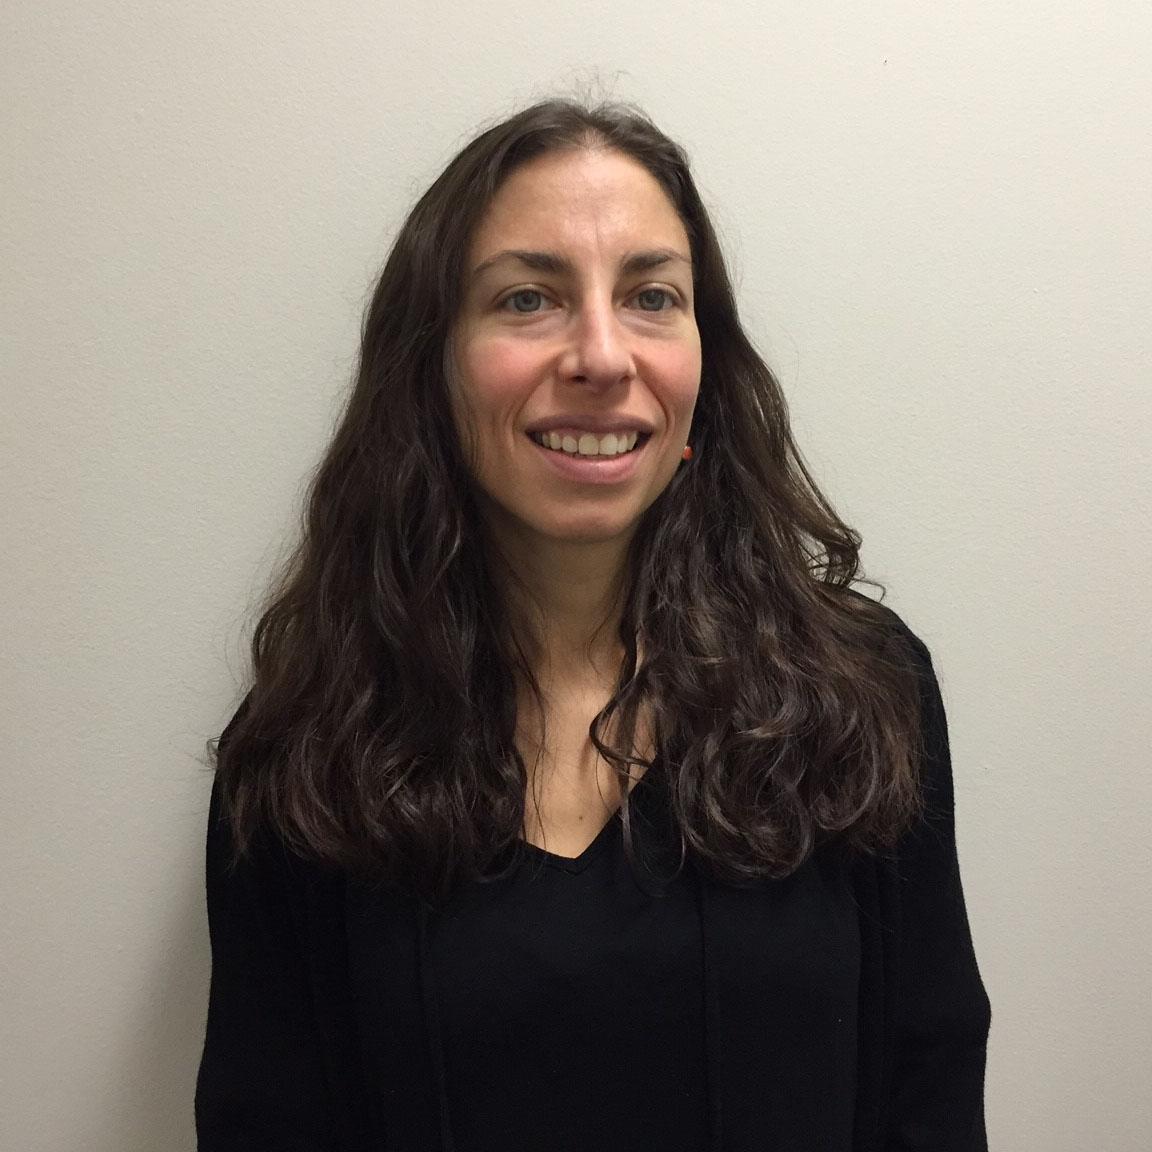 Dr. Lisa Rochman